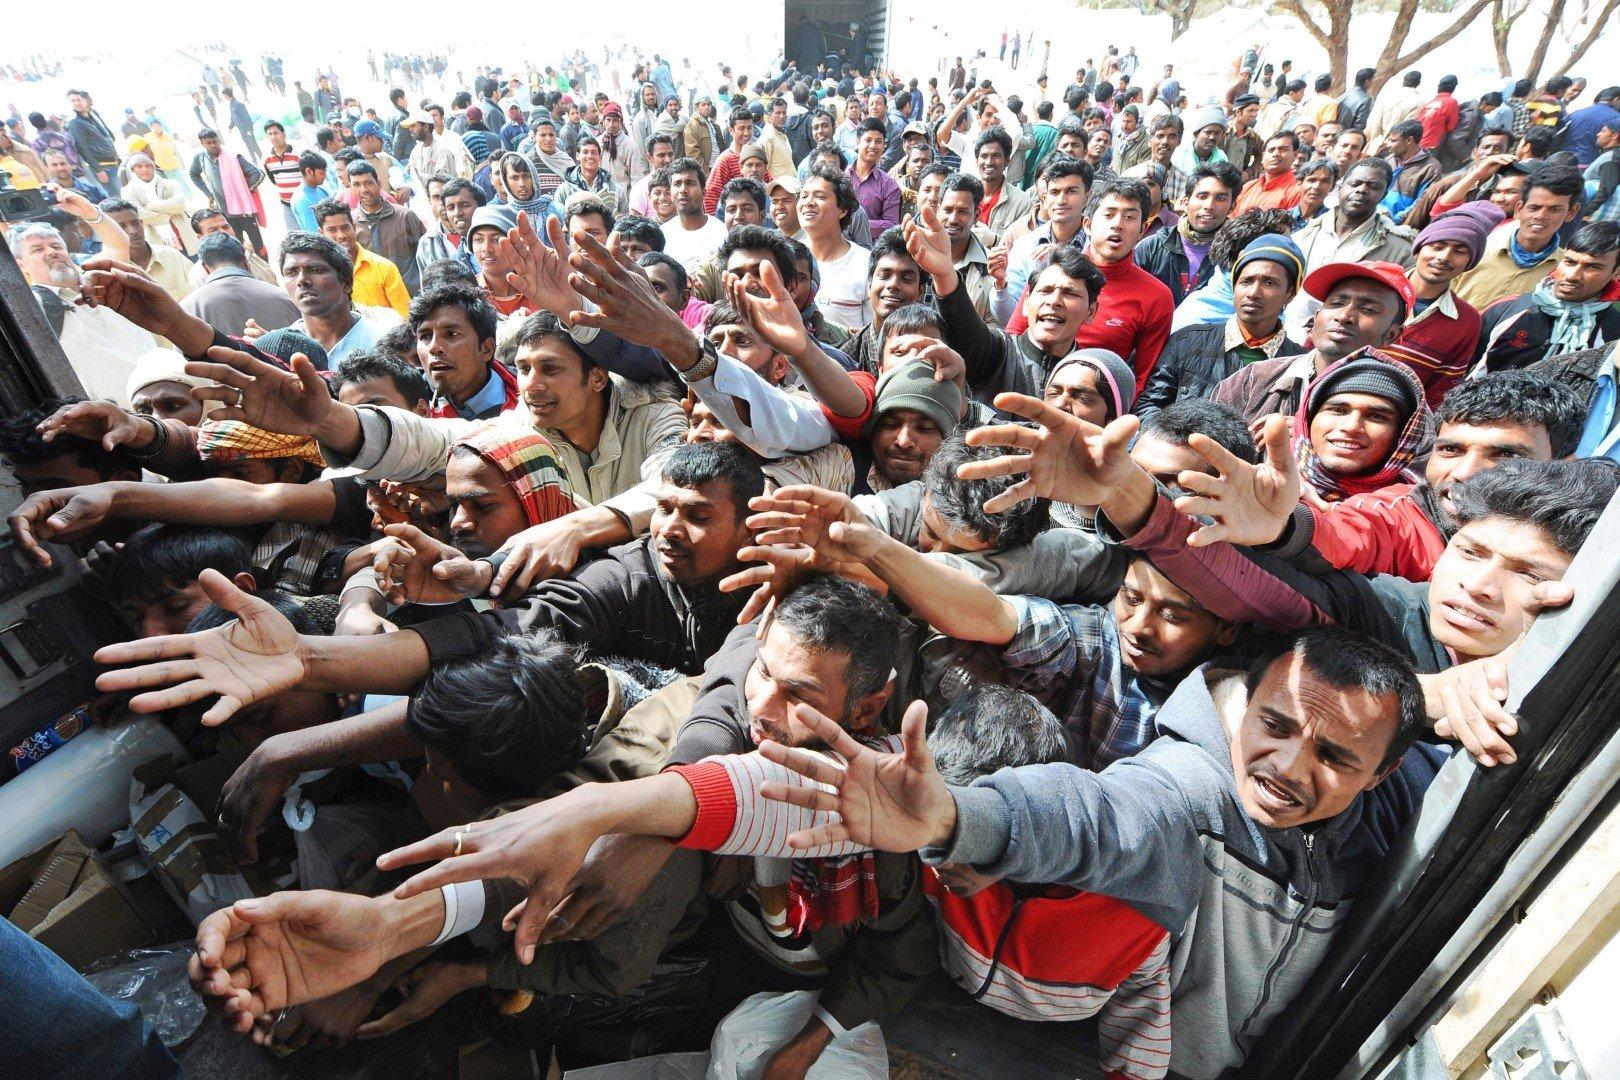 Большинство мигрантов, ищущих убежище в Европе, среди всех стран выбрали Германию. Количество заявлений о предоставлении убежища в Германии – более 476 000. Но по факту мигрантов в Германии гораздо больше. Многие никак не фиксируются. На втором месте по количеству нелегальных мигрантов – Венгрия.